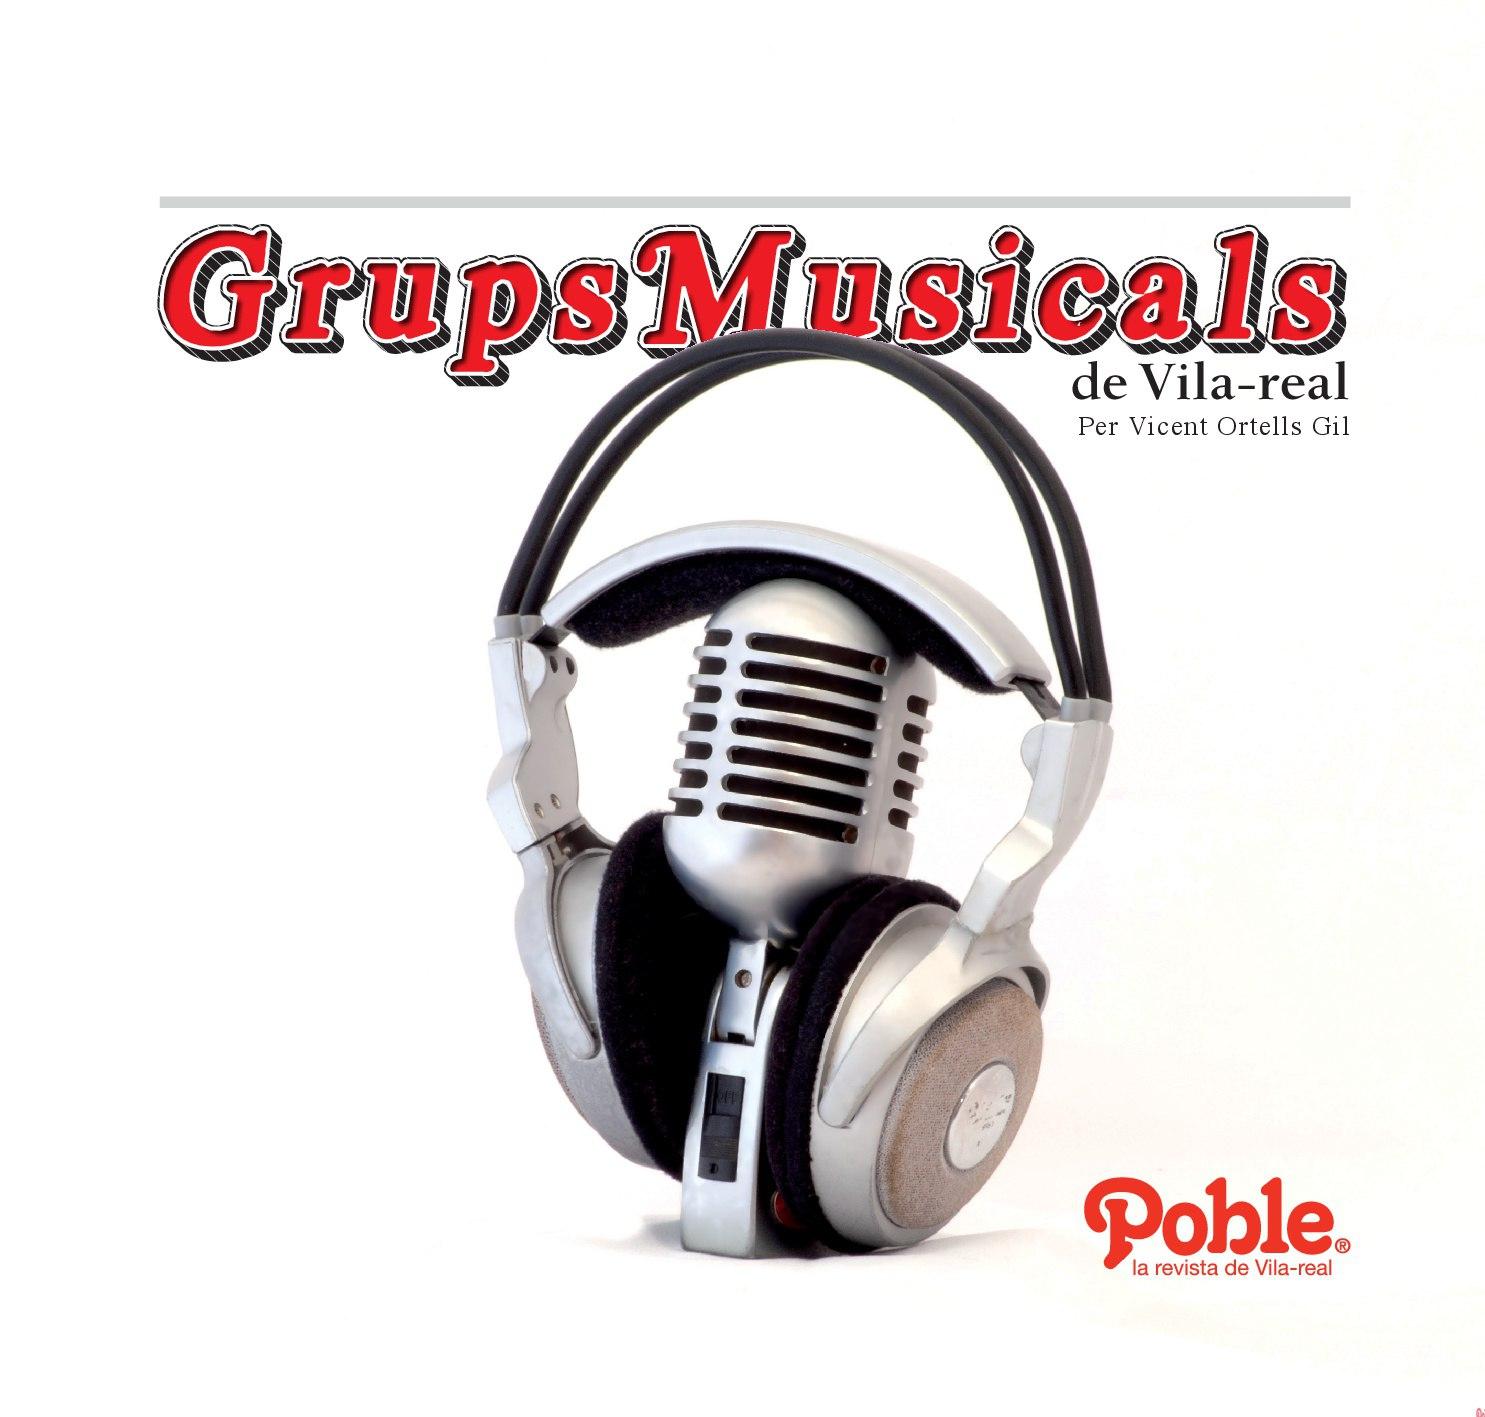 Grups Musicals de Vila-real